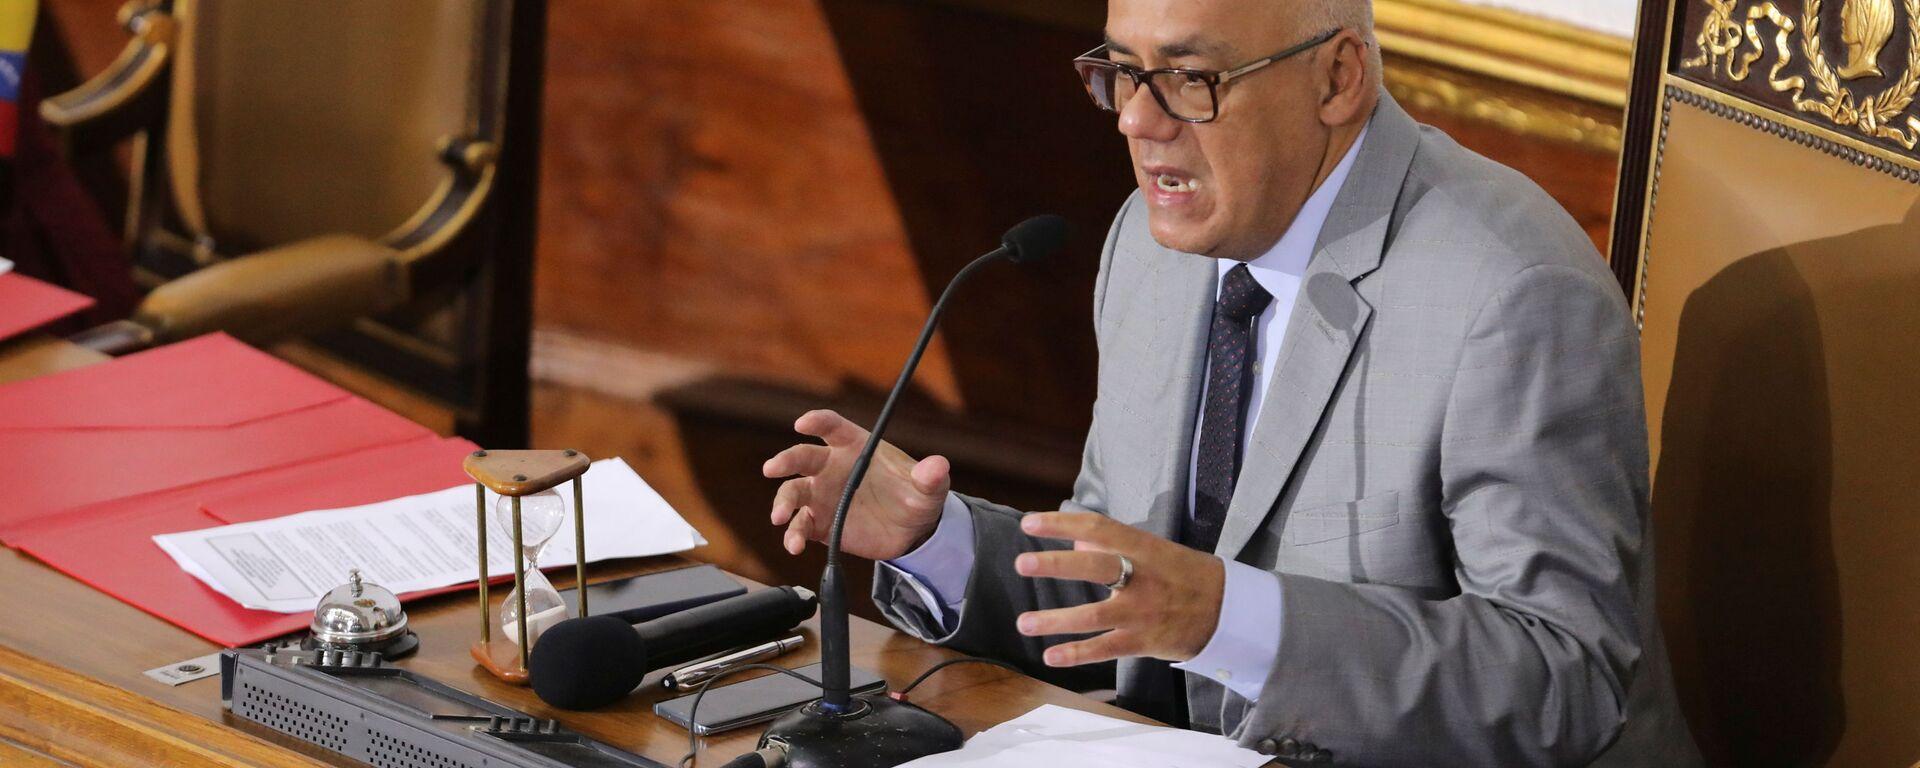 Jorge Rodríguez, presidente de la Asamblea Nacional de Venezuela - Sputnik Mundo, 1920, 10.10.2021